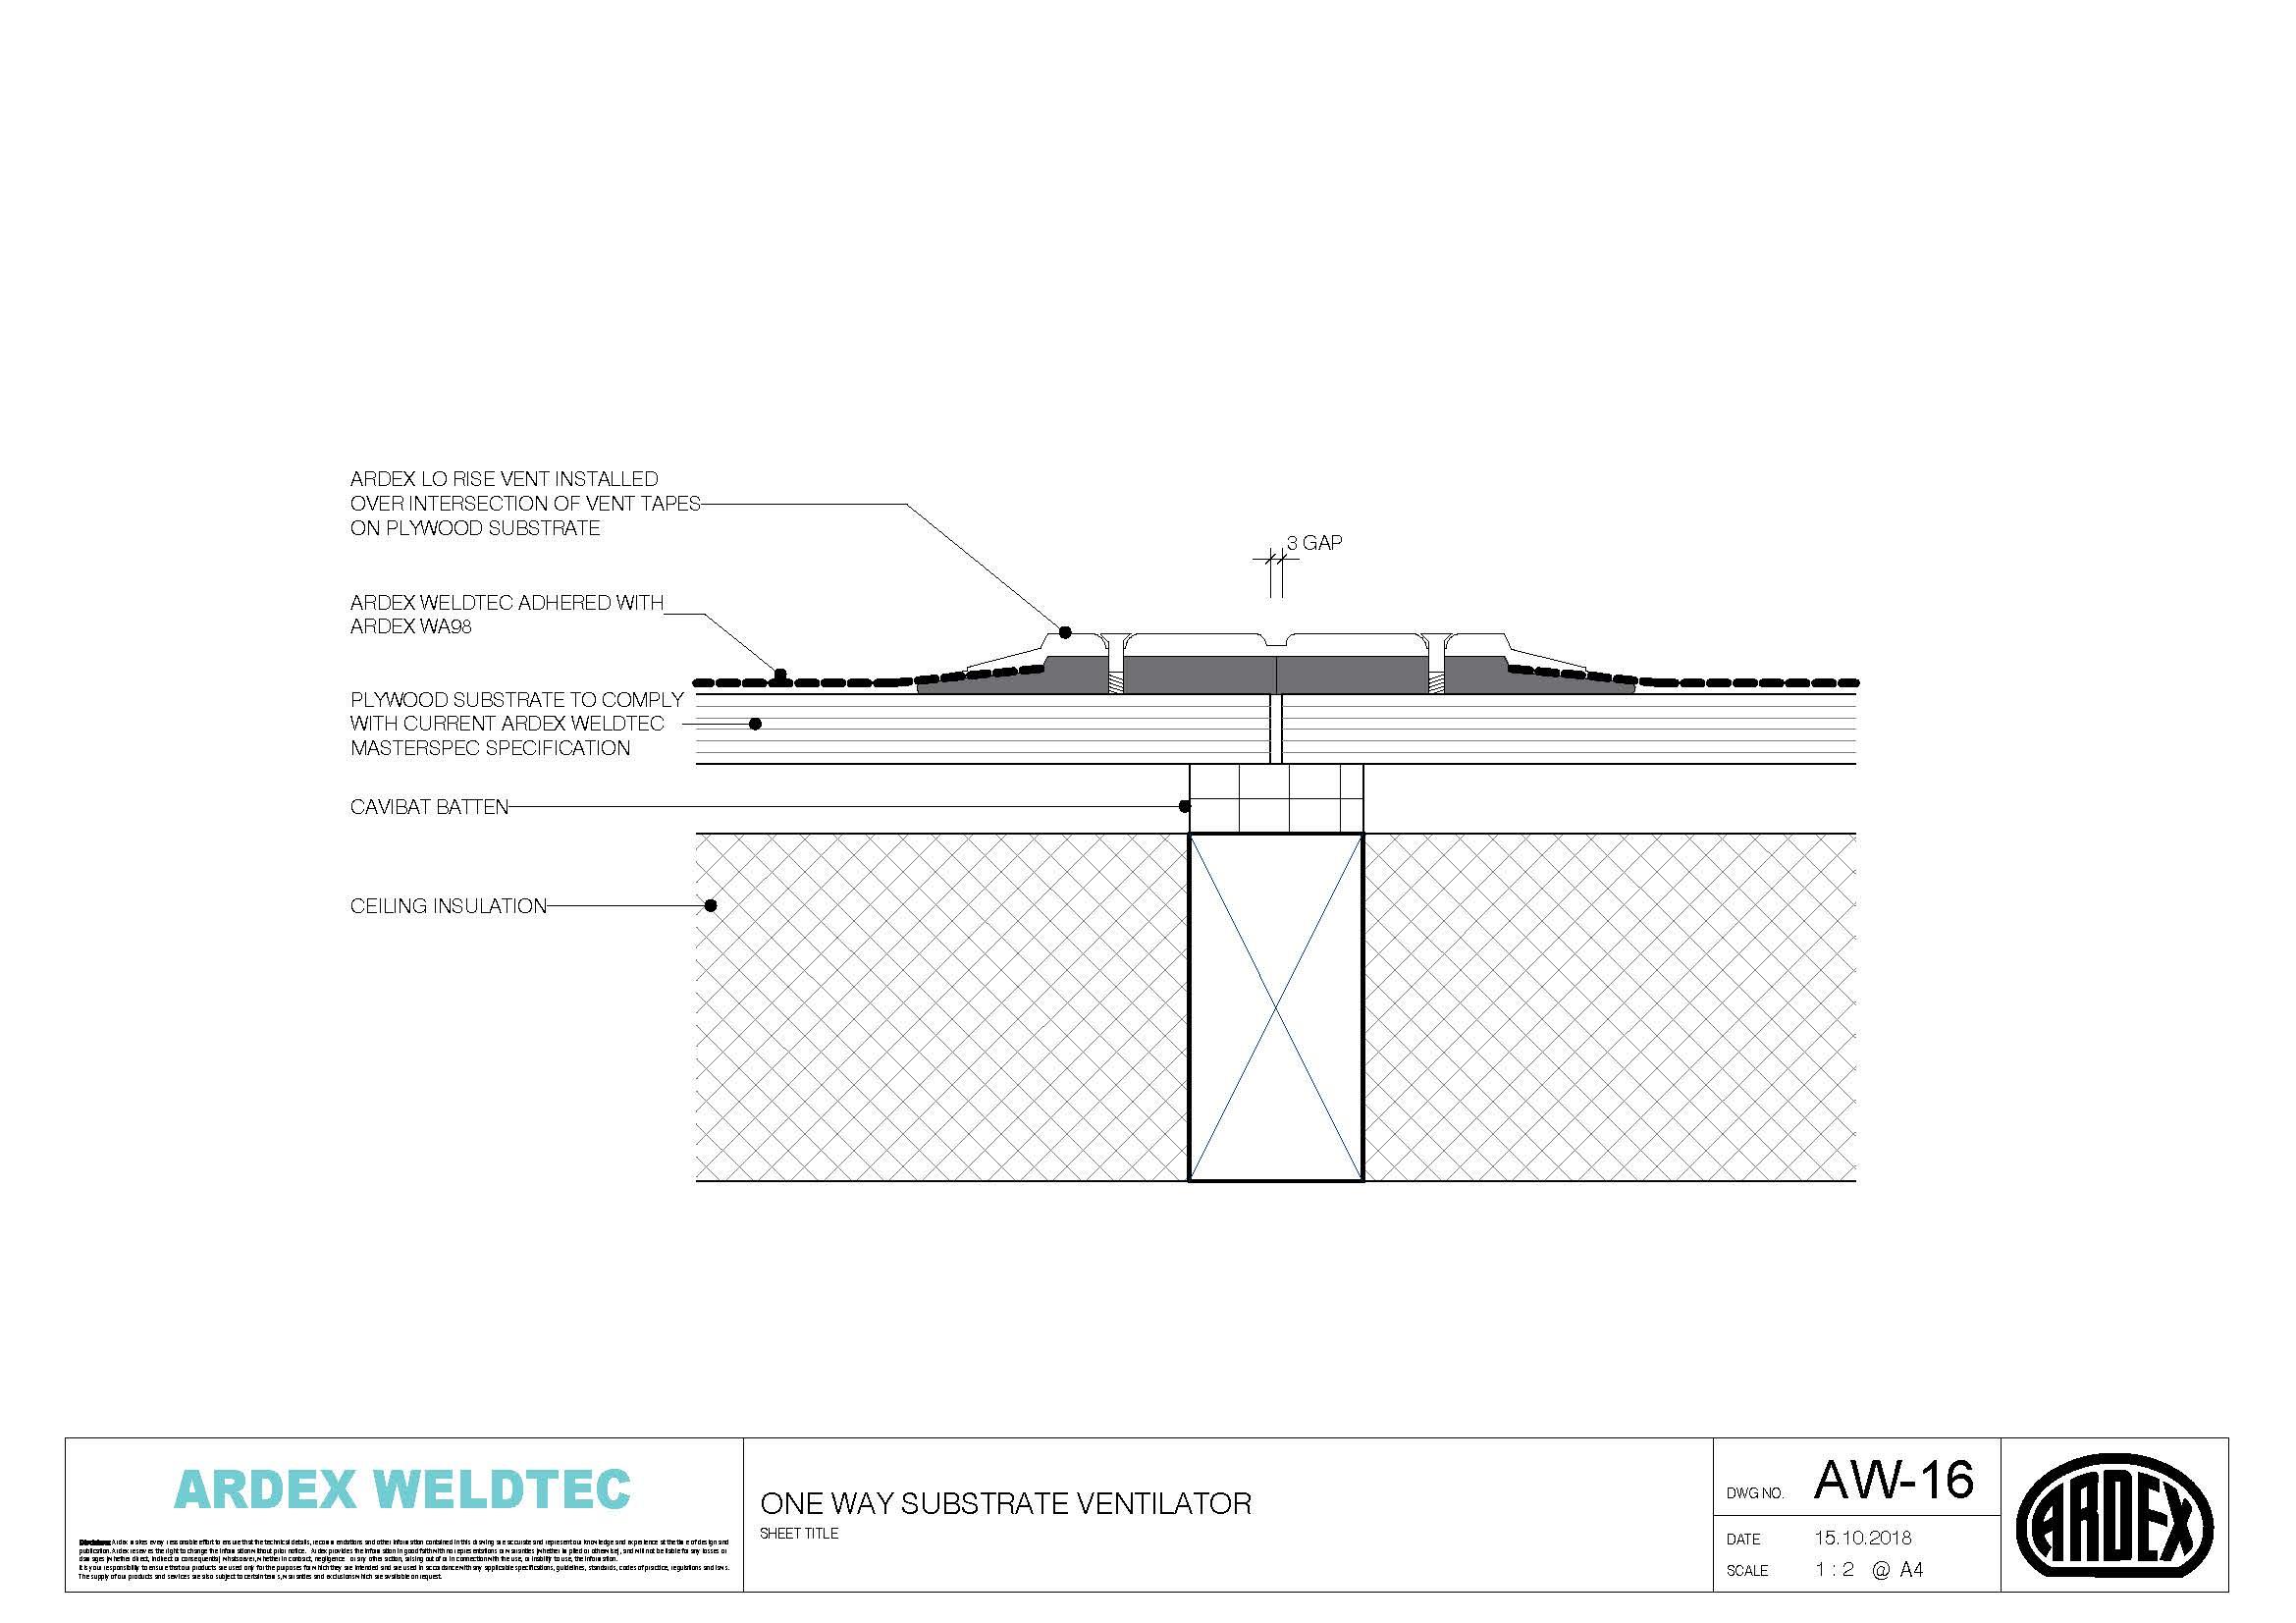 Weldtec one way substrate ventilator